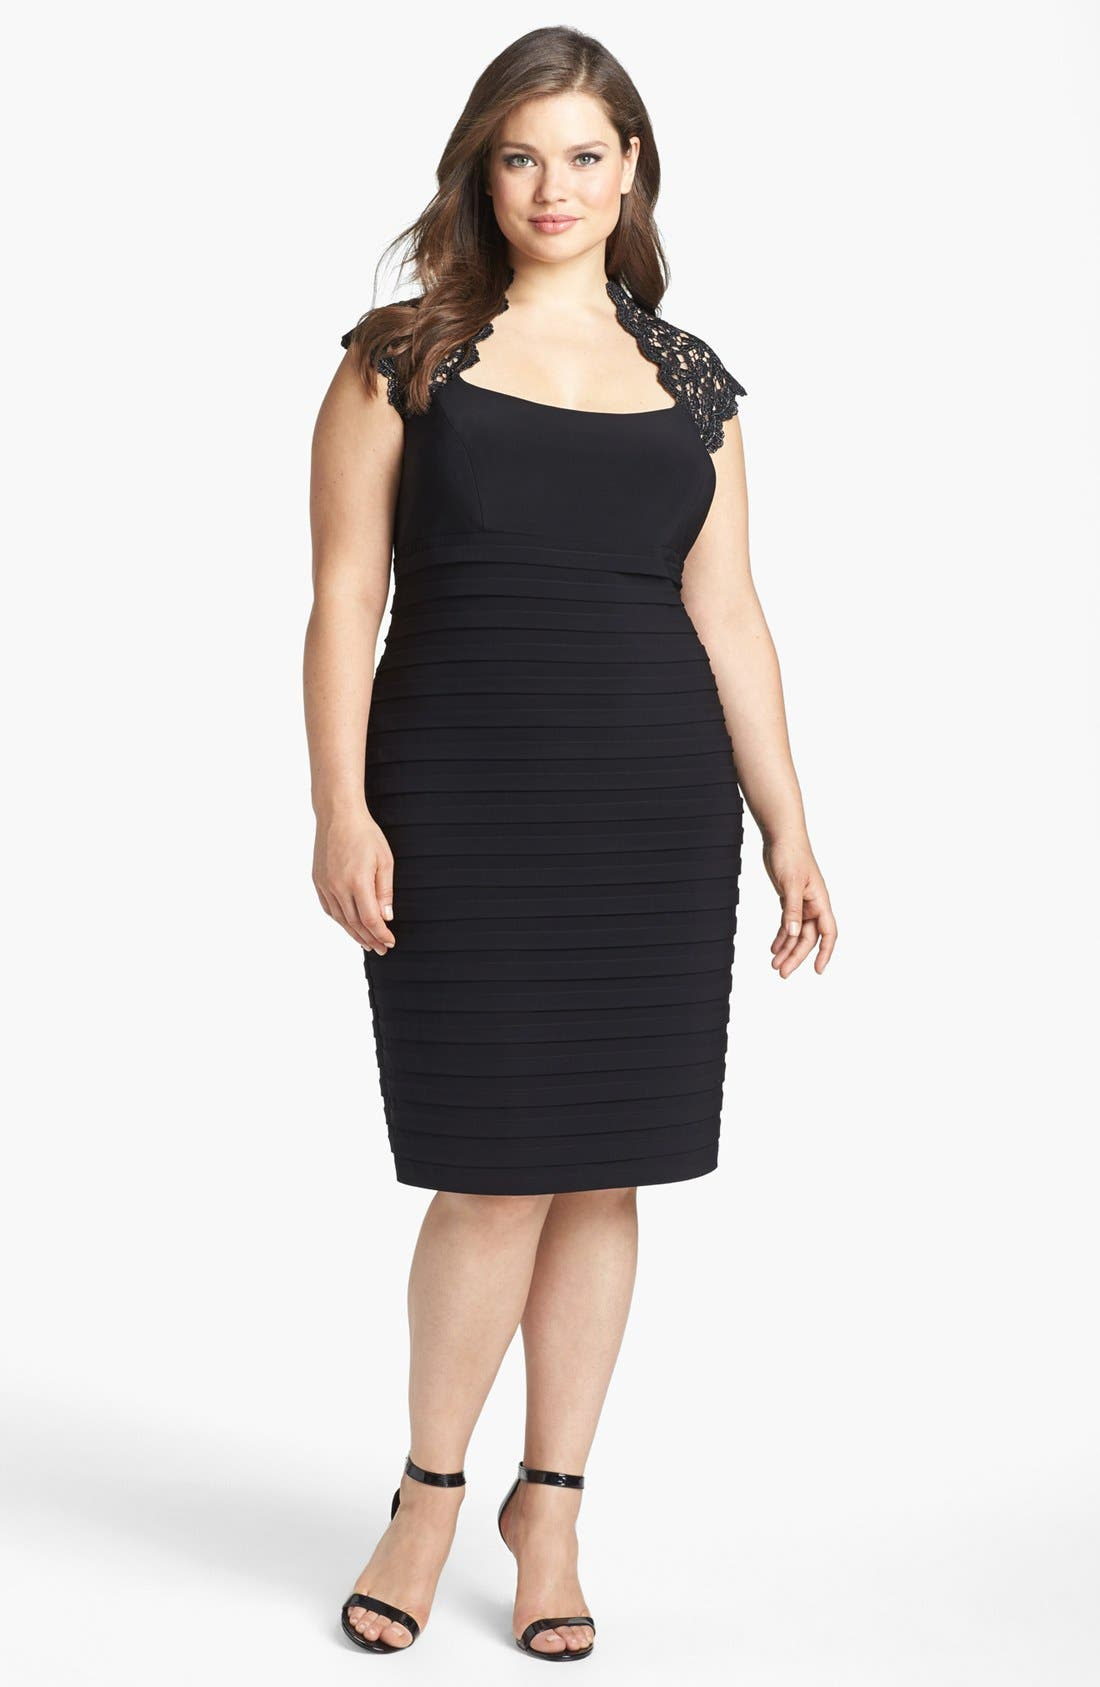 Alternate Image 1 Selected - Xscape Lace Yoke Banded Sheath Dress (Plus Size)